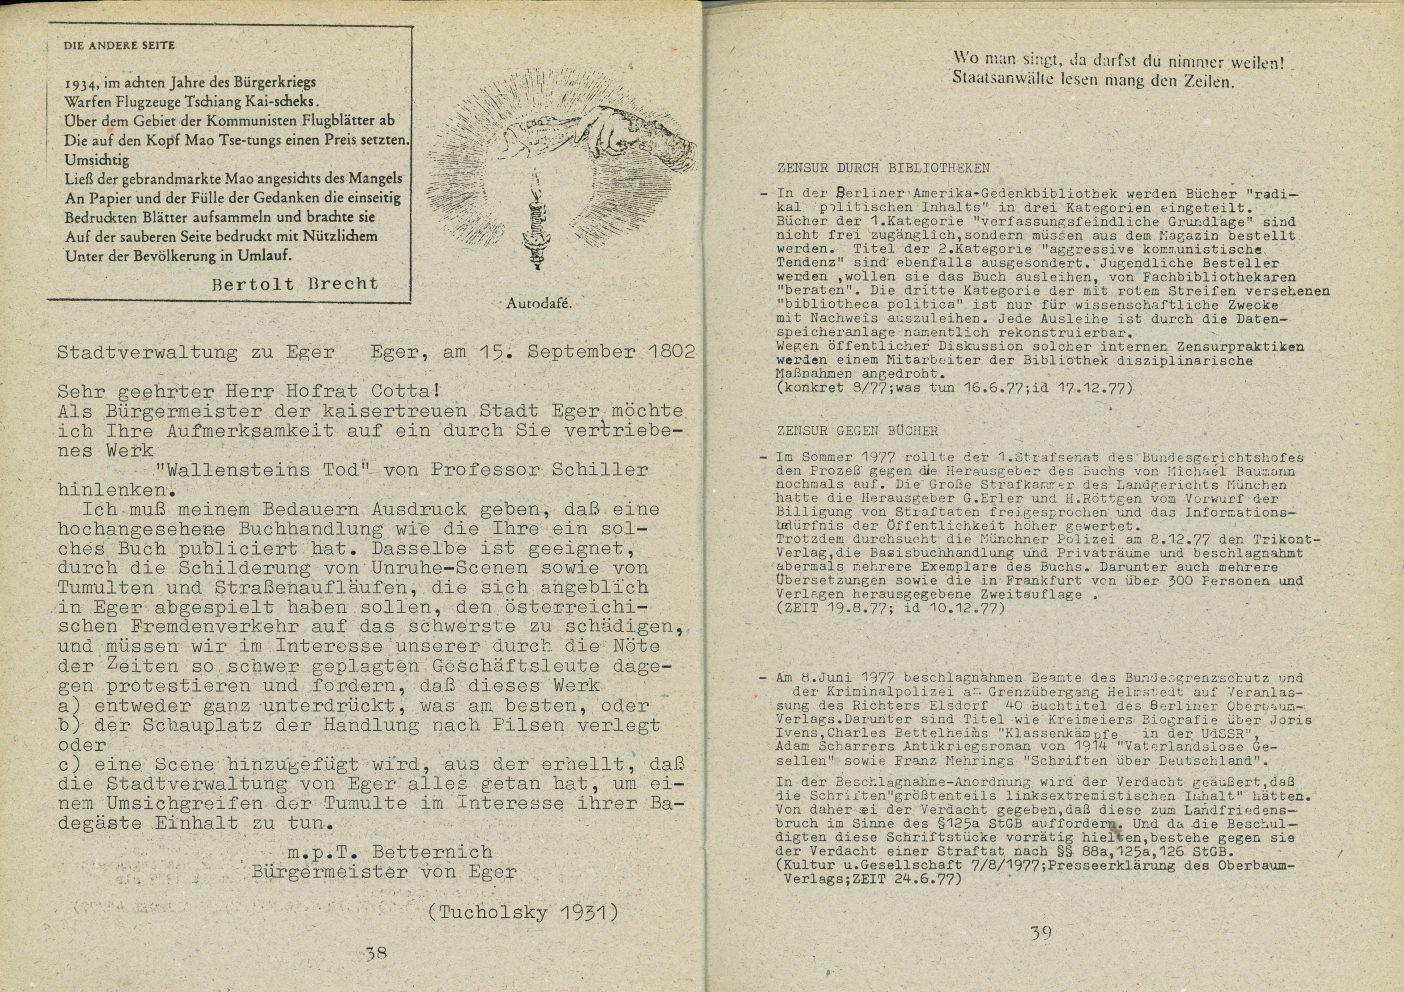 Stuttgart_AGRT_Menschenrechtsverletzungen_Leseheft_1978_21